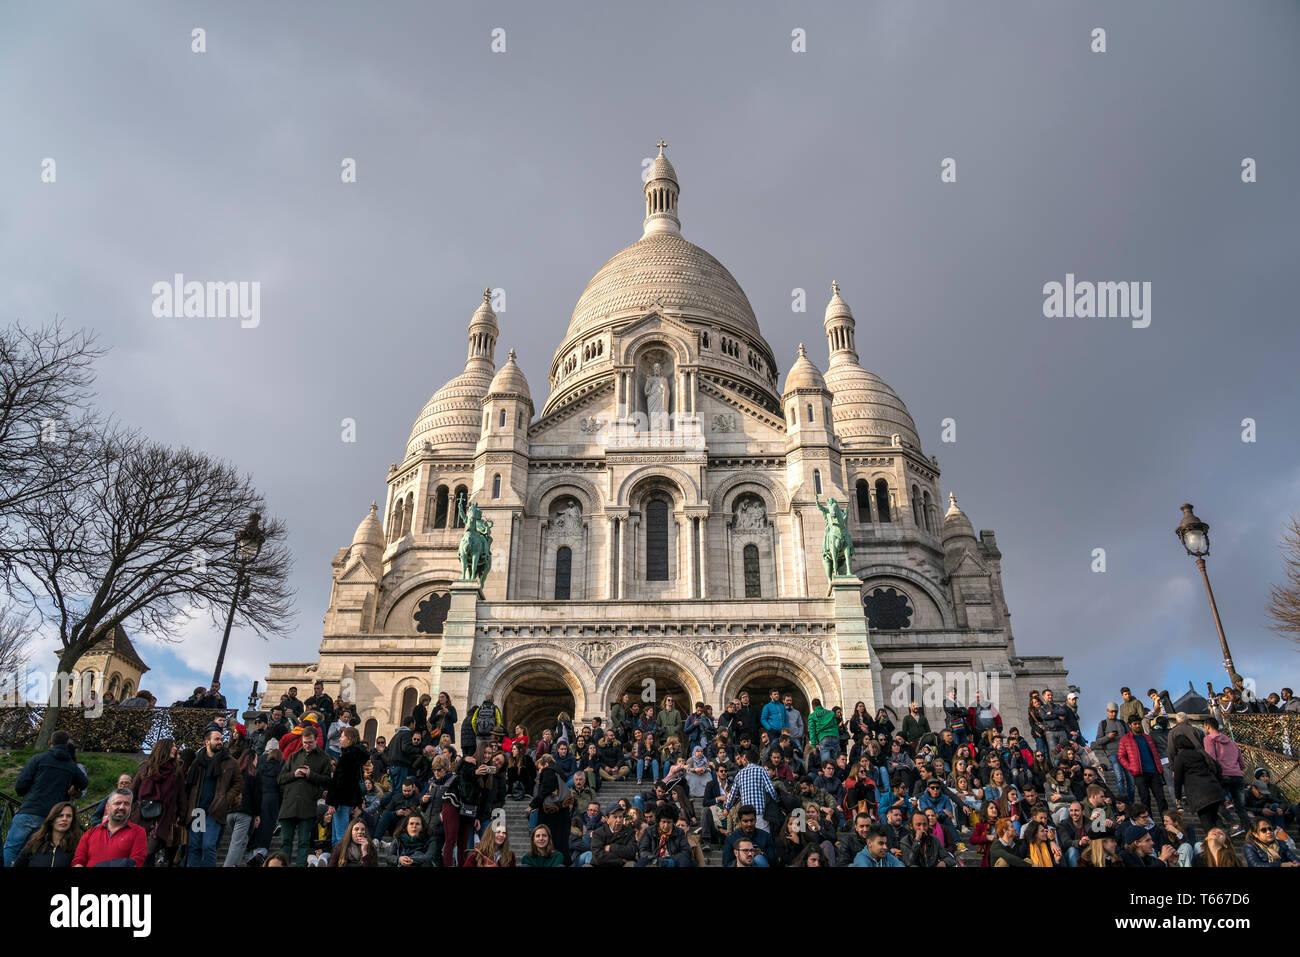 Touristen vor der  Basilika Sacre Coeur, Montmartre, Paris, Frankreich    tourists at Sacre Coeur Basilica , Montmartre , Paris, France - Stock Image